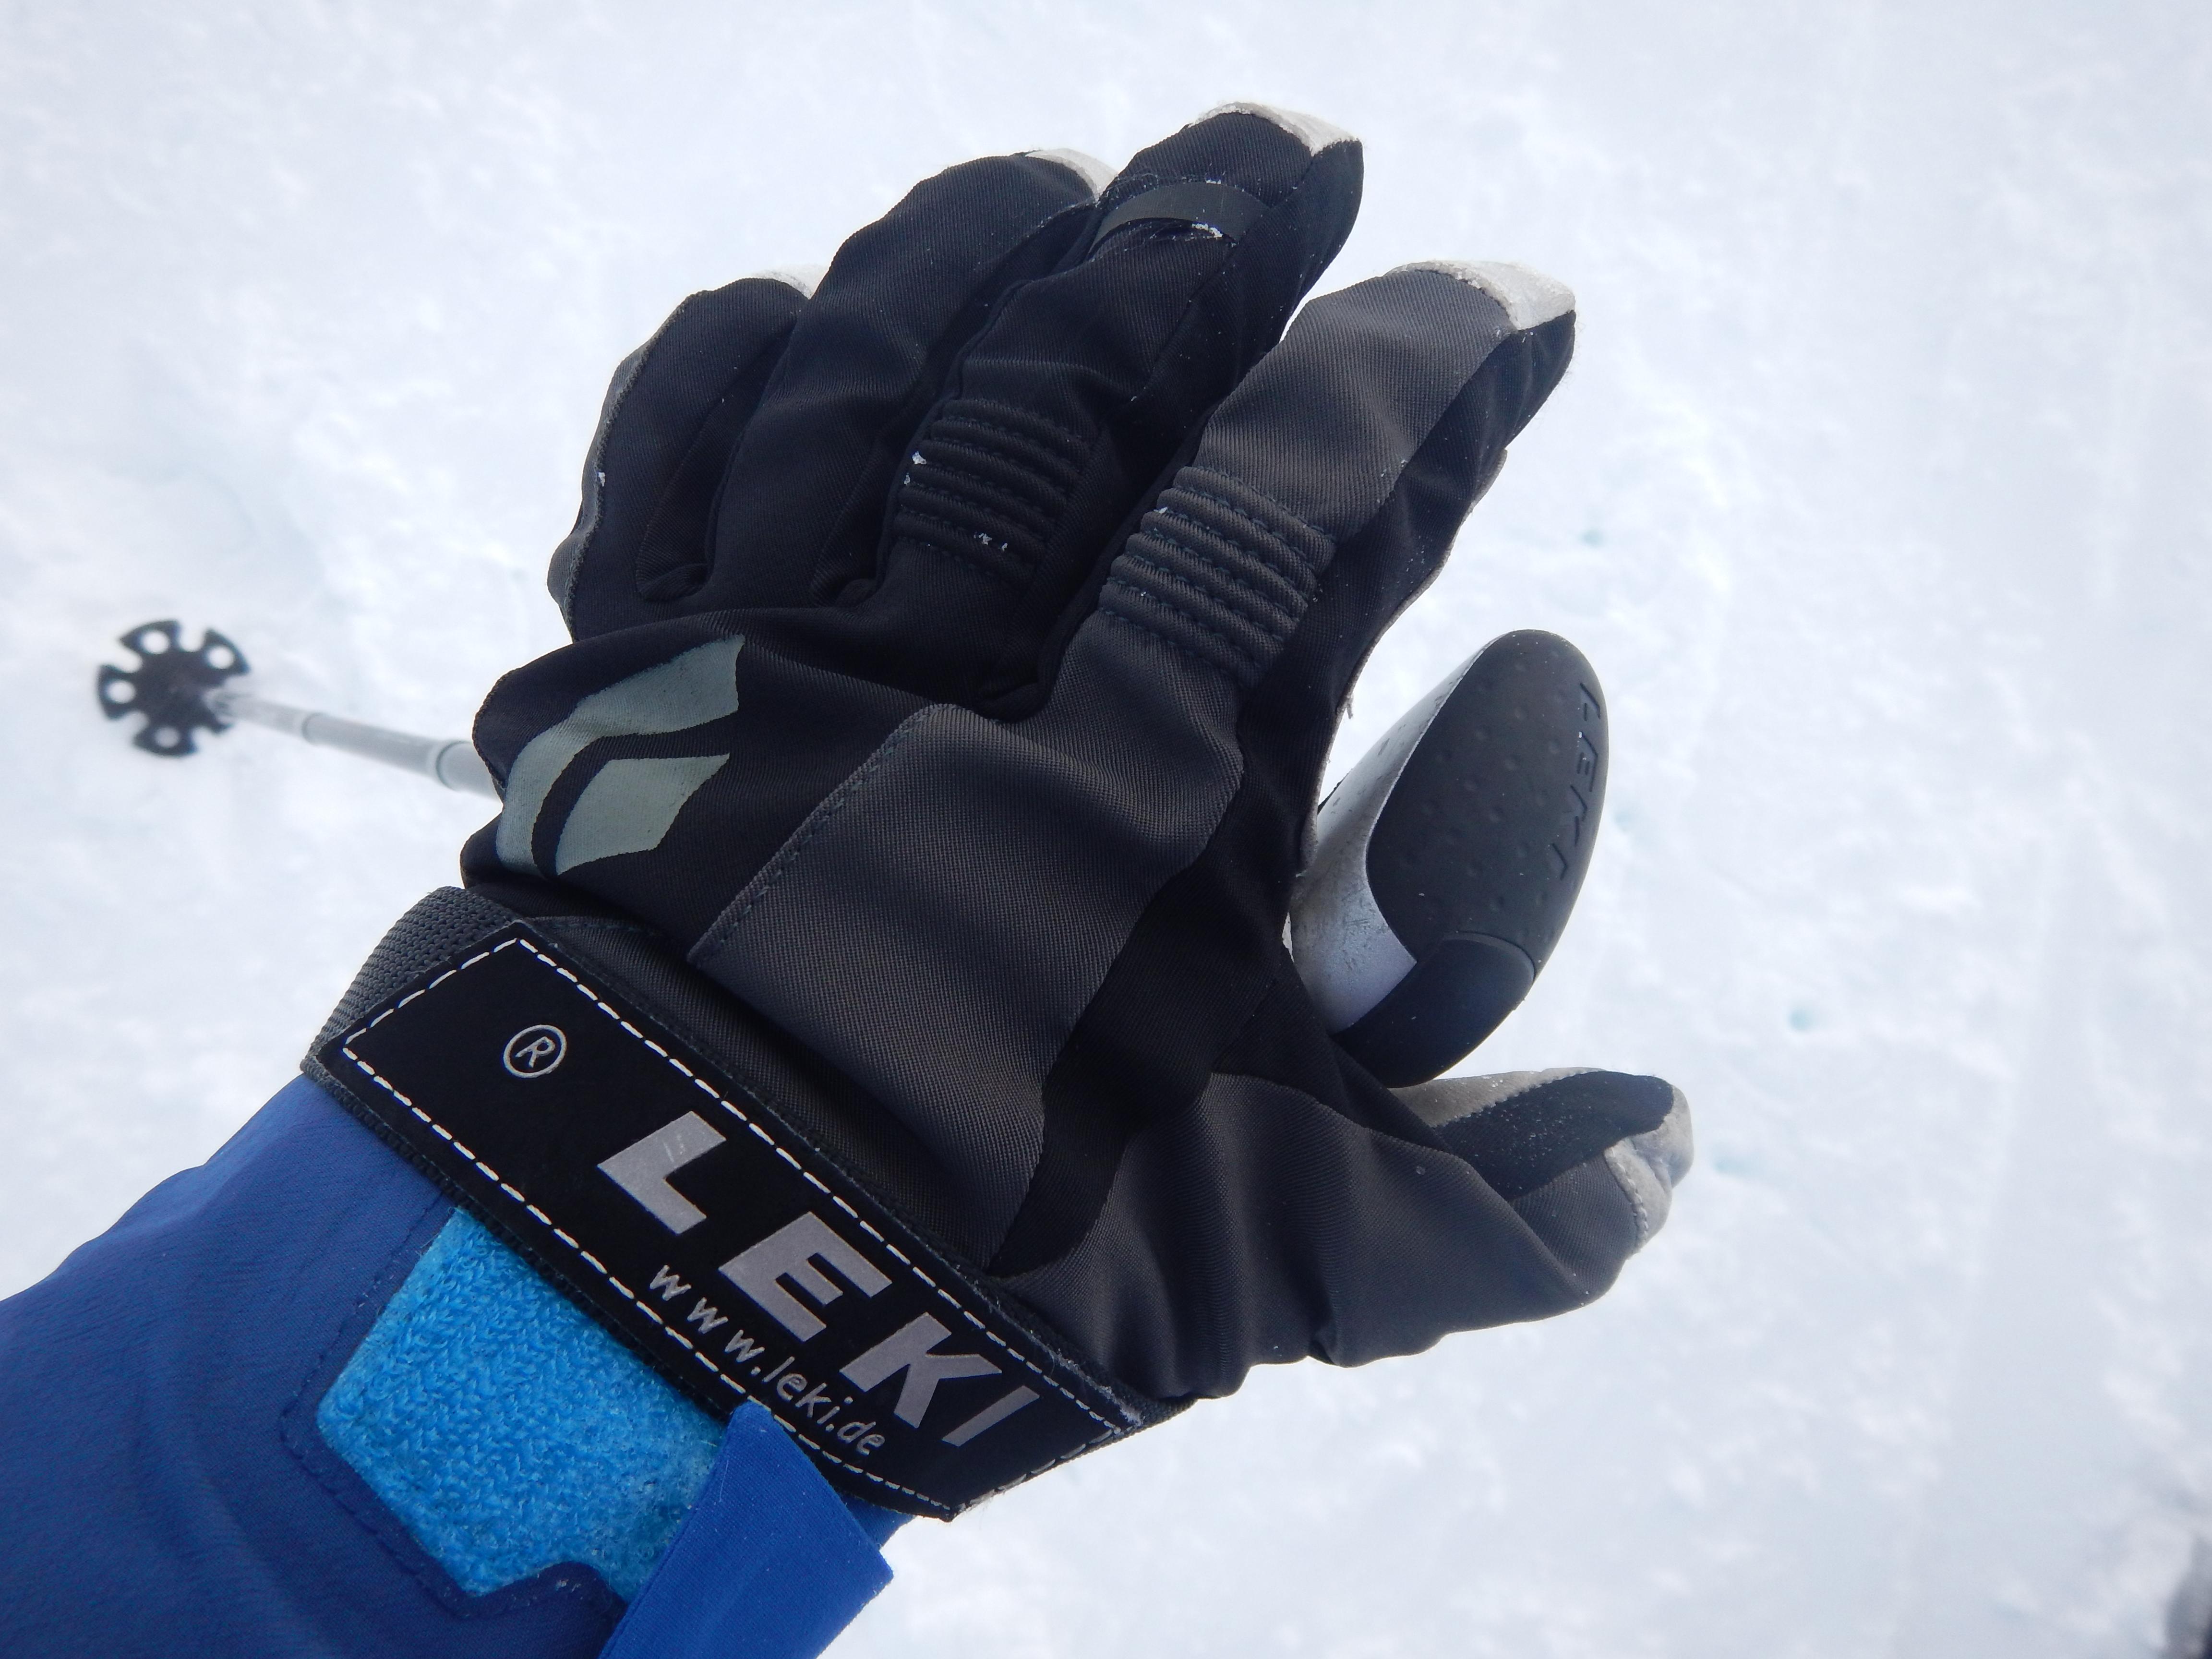 BD Impulse Glove